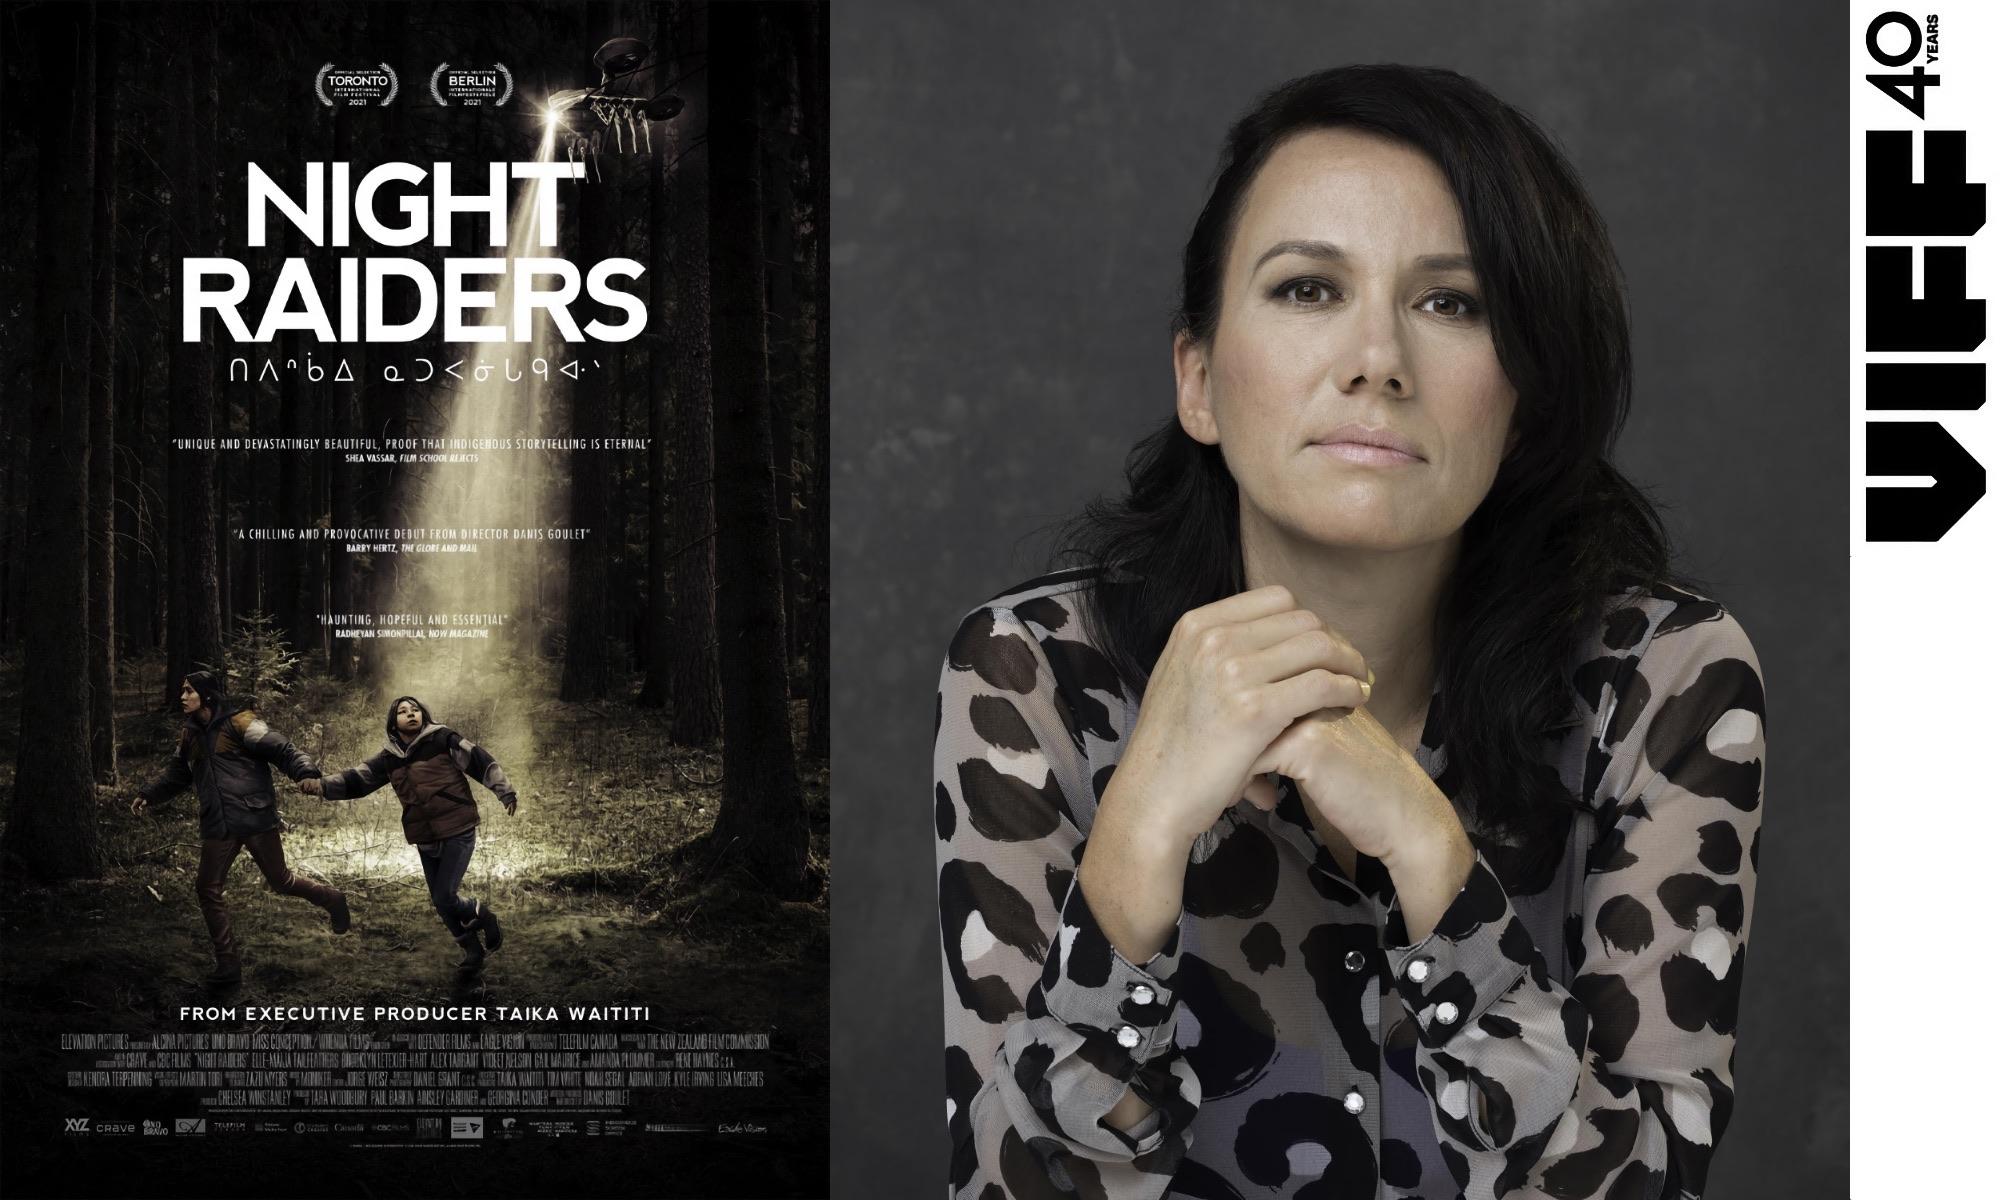 Danis Goulet / Night Raiders